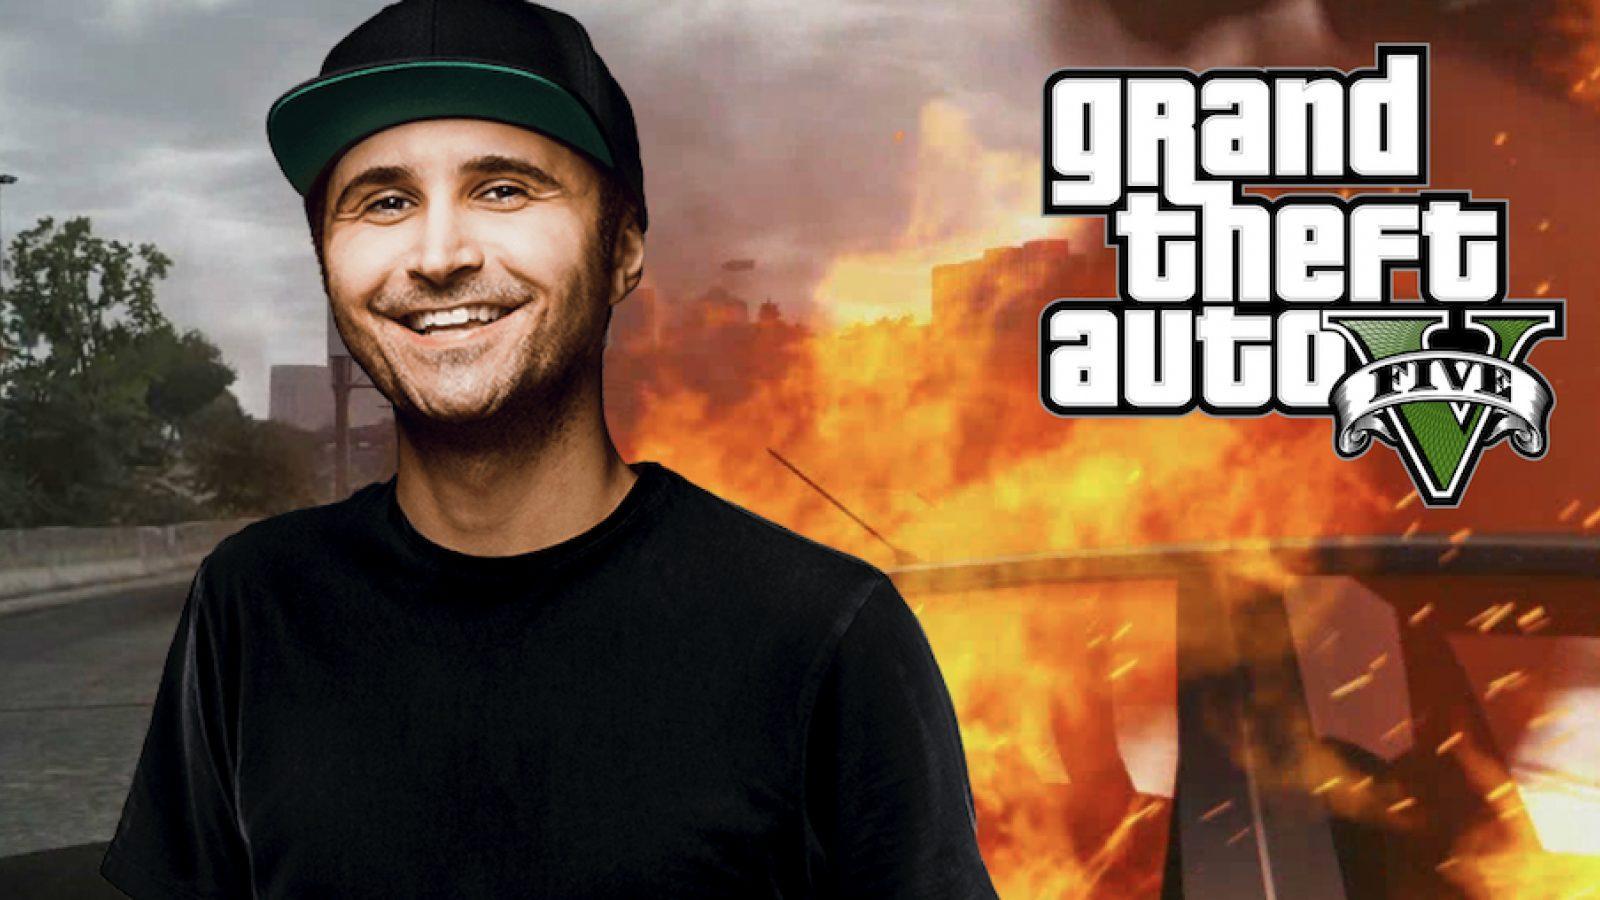 Summit1g / Rockstar Games